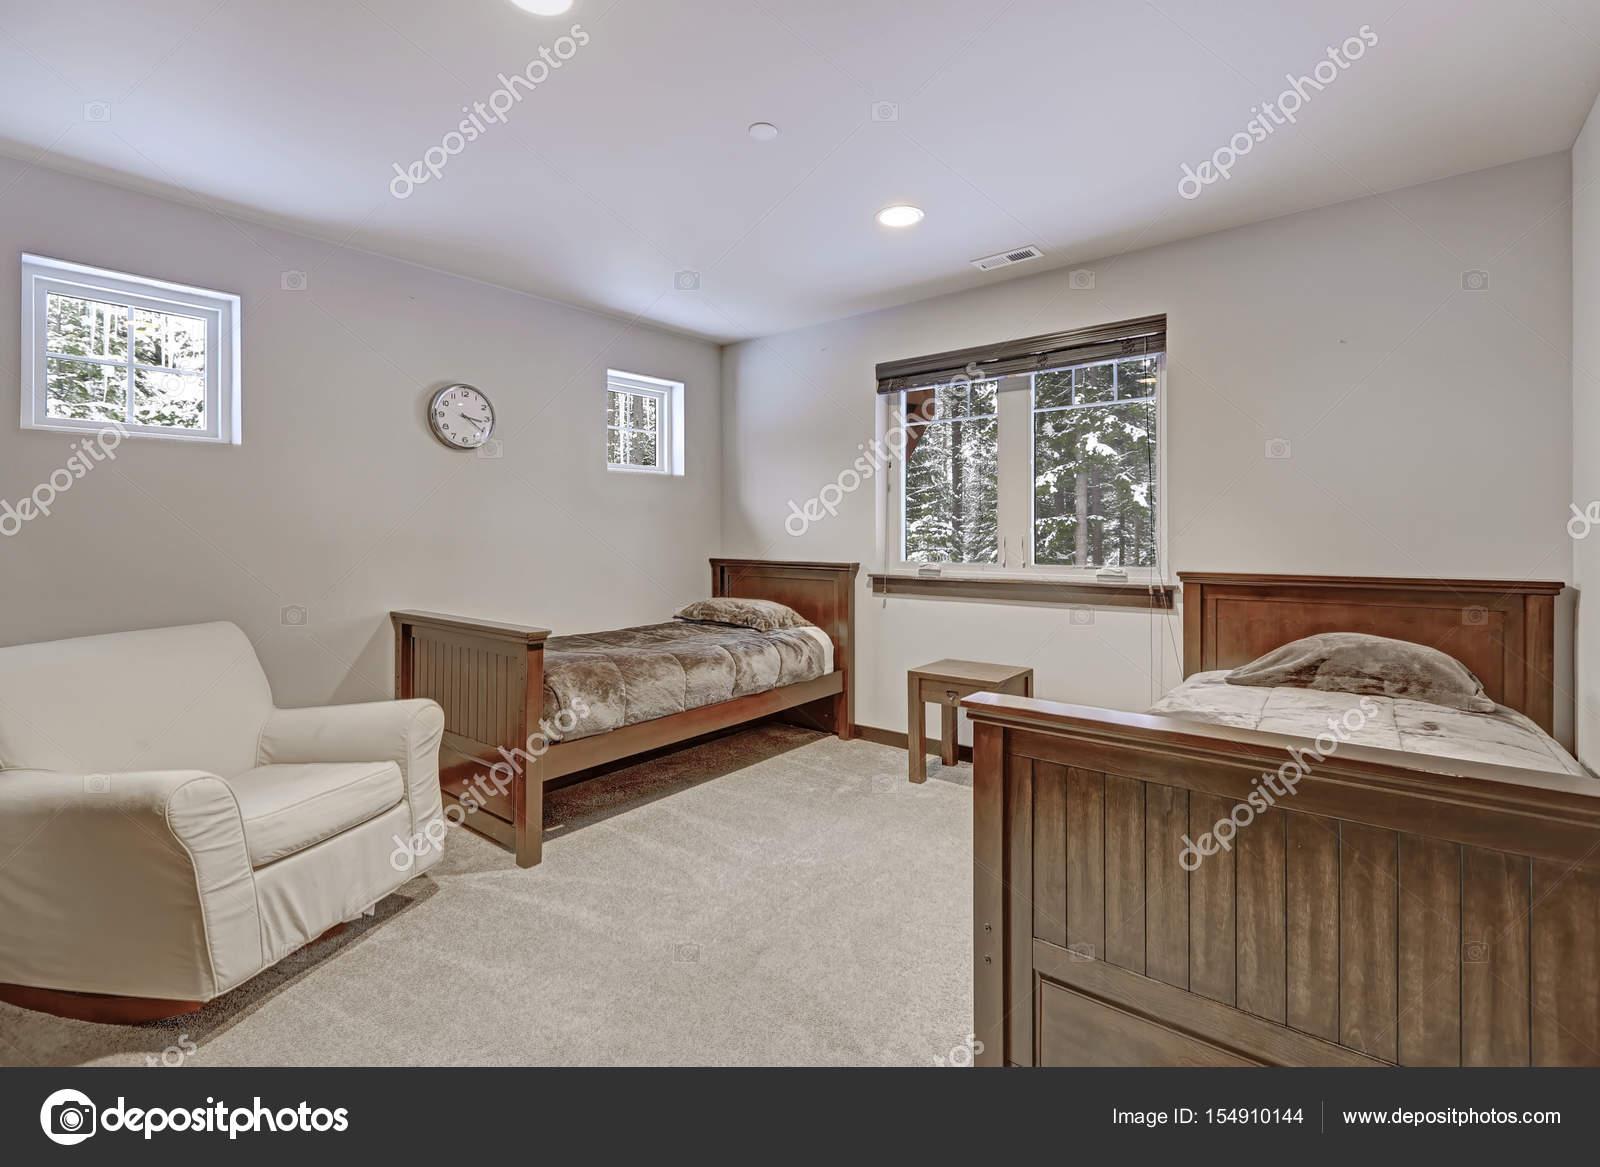 Camera Da Letto Bambino : Spaziosa camera da letto bambini con le pareti beige chiaro u foto